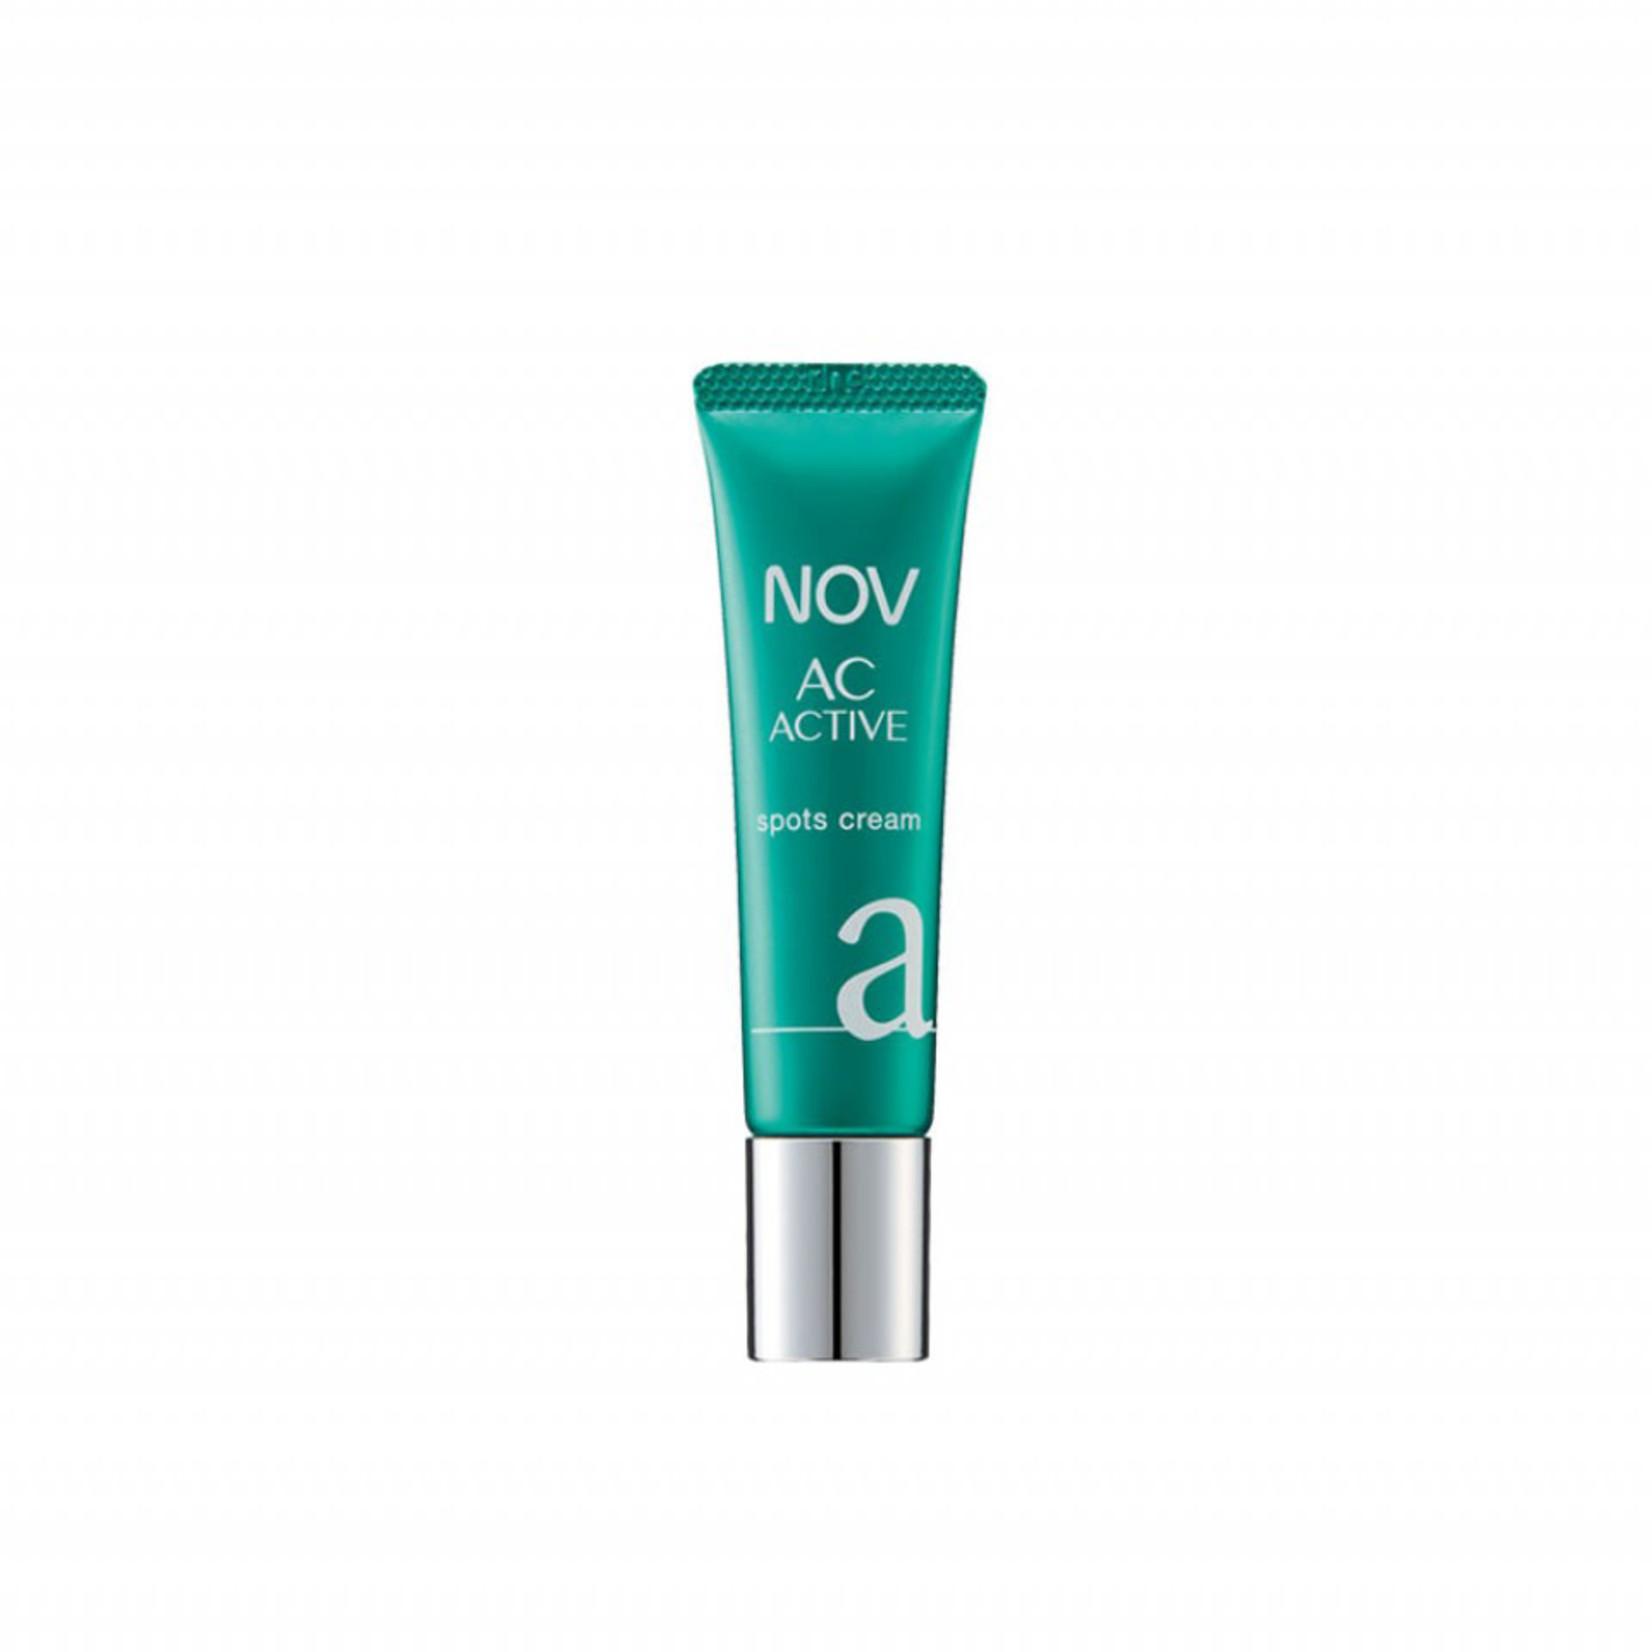 NOV Nov AC Active Spots Cream